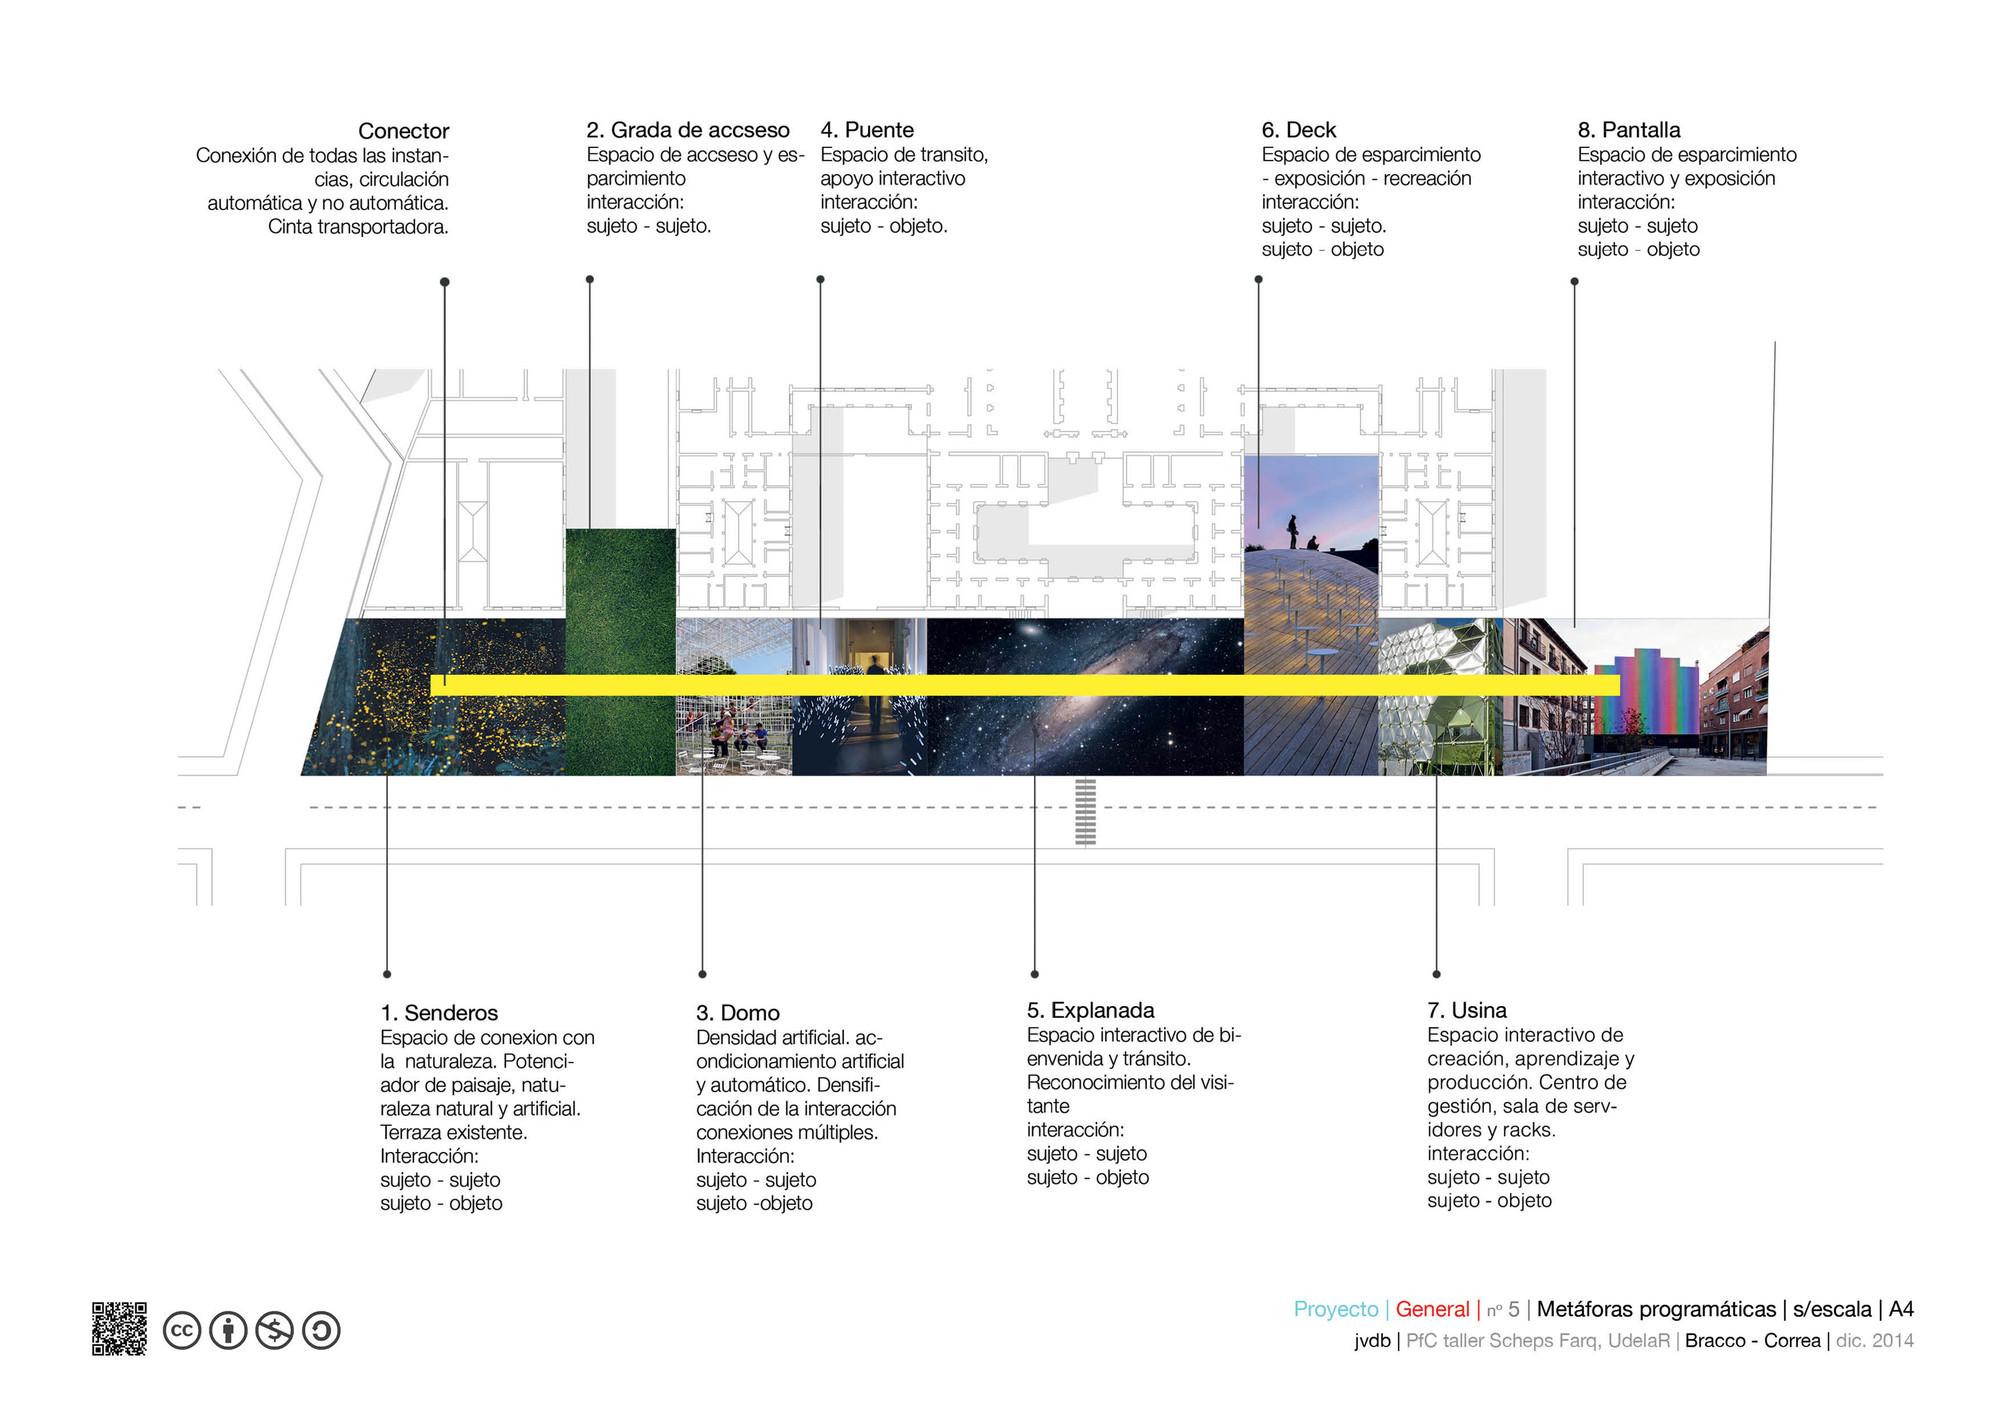 Metáforas programáticas. Image Cortesia de Marcos Bracco y Nacho Correa